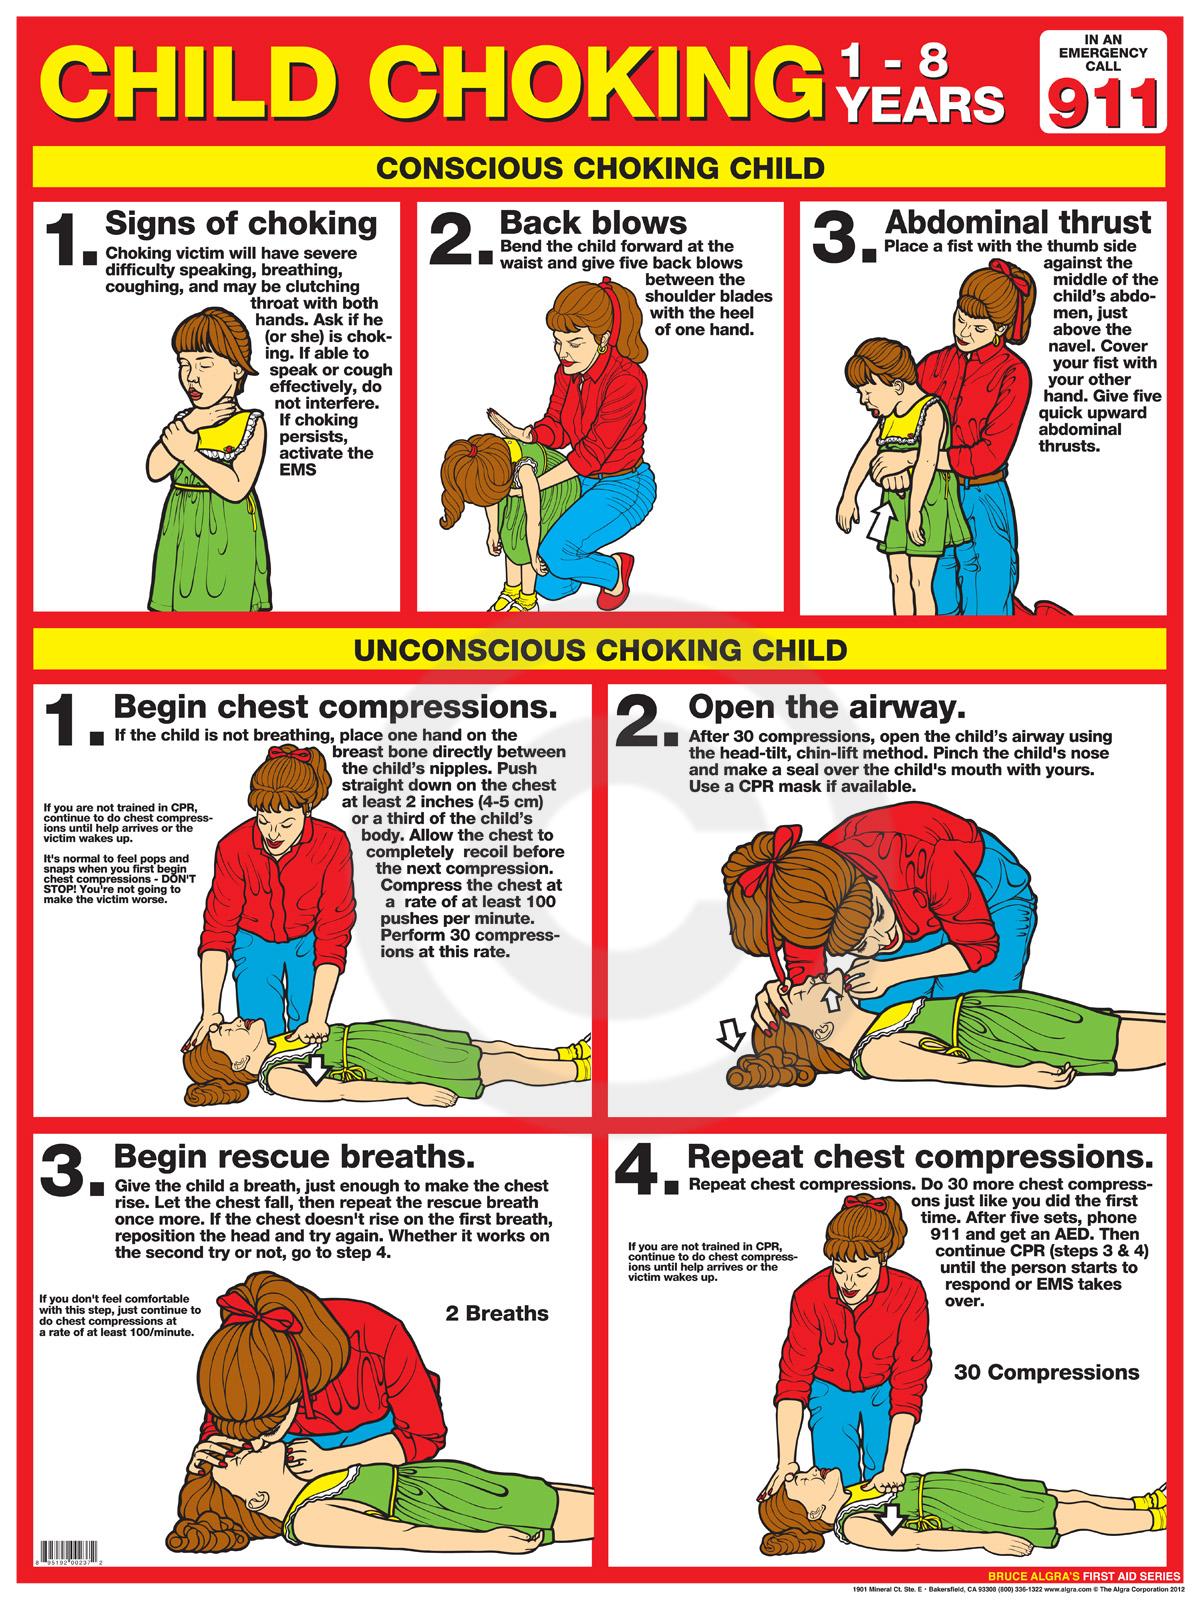 6 Best Choking Cpr Printable